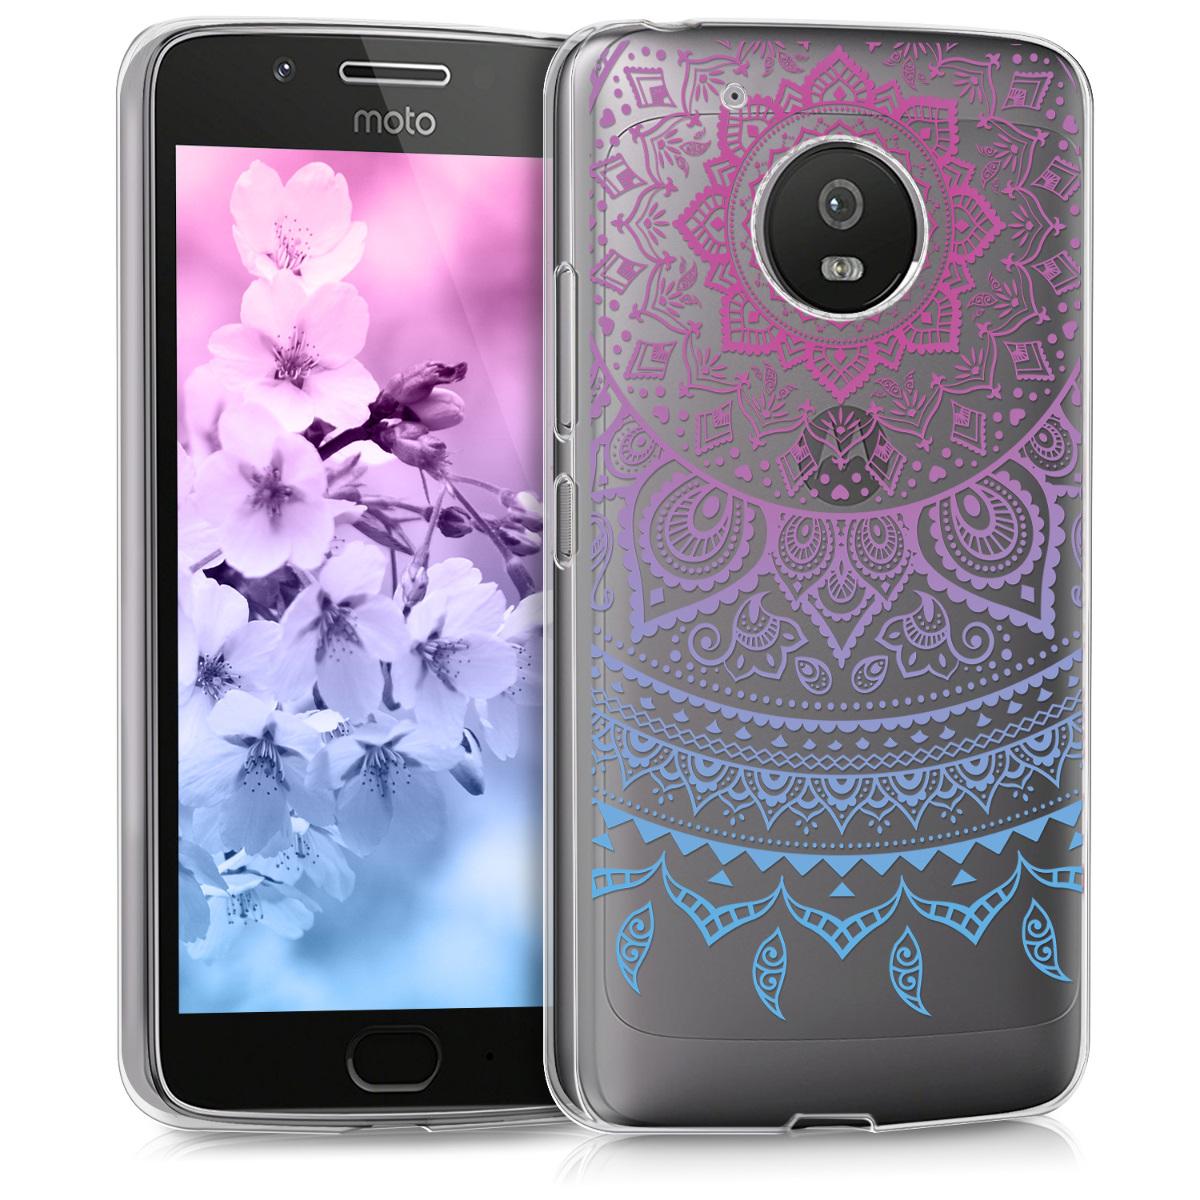 Kvalitní silikonové TPU pouzdro | obal pro Motorola Moto G5 - Indiánská sluneční modř / tmavě růžová / průhledná